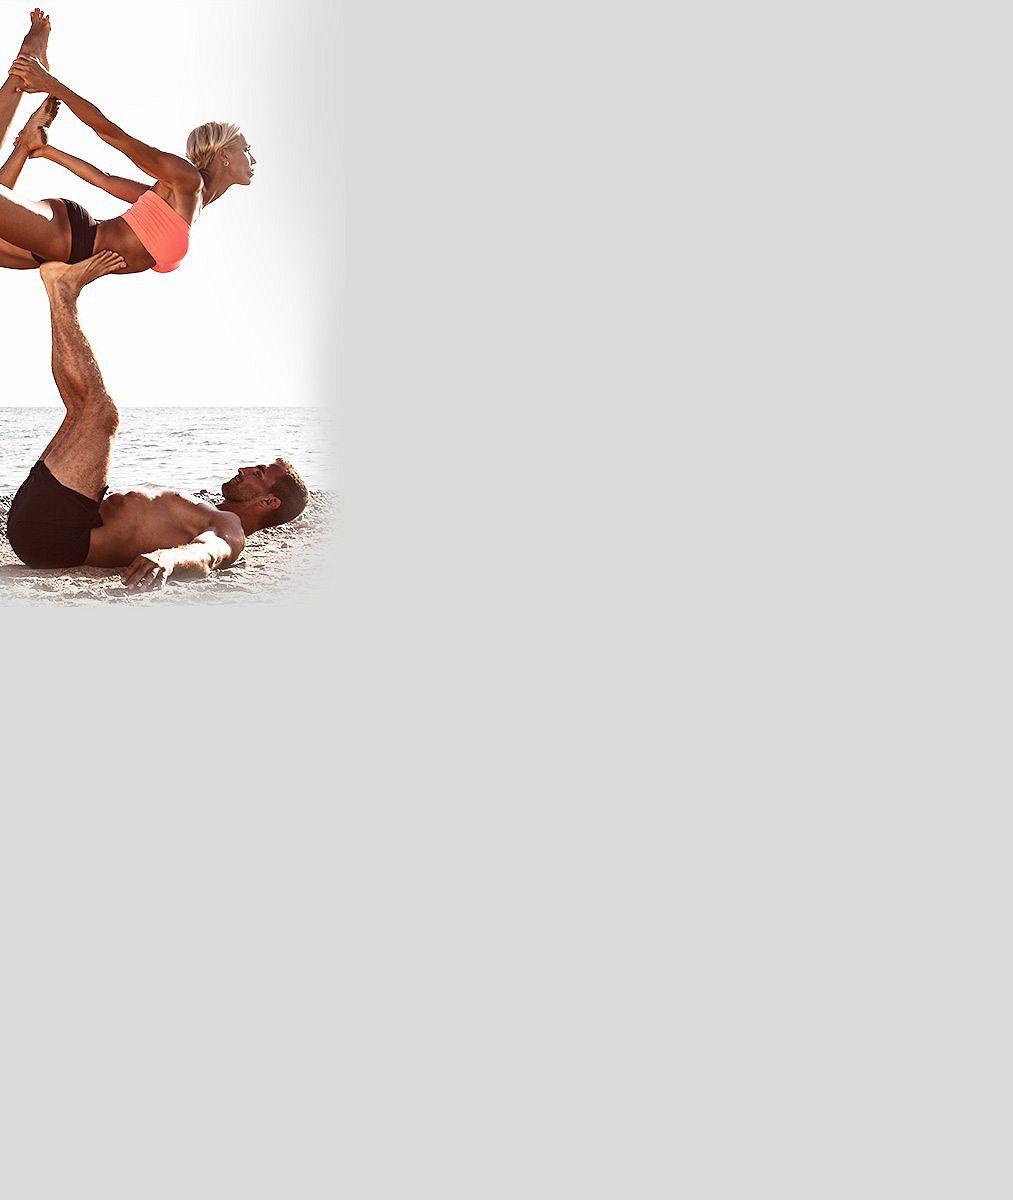 Tělo na tělo vkrkolomných pozicích. Co má sexbomba Mašlíková stímhle nebezpečně vyhlížejícím svalovcem?